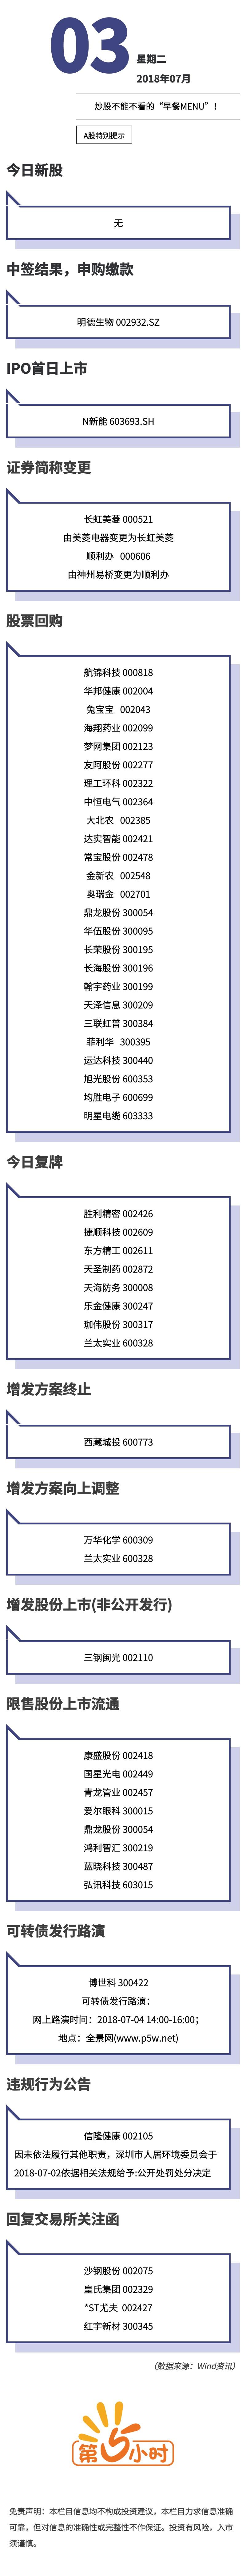 A股特别提示(2018-07-03).jpg